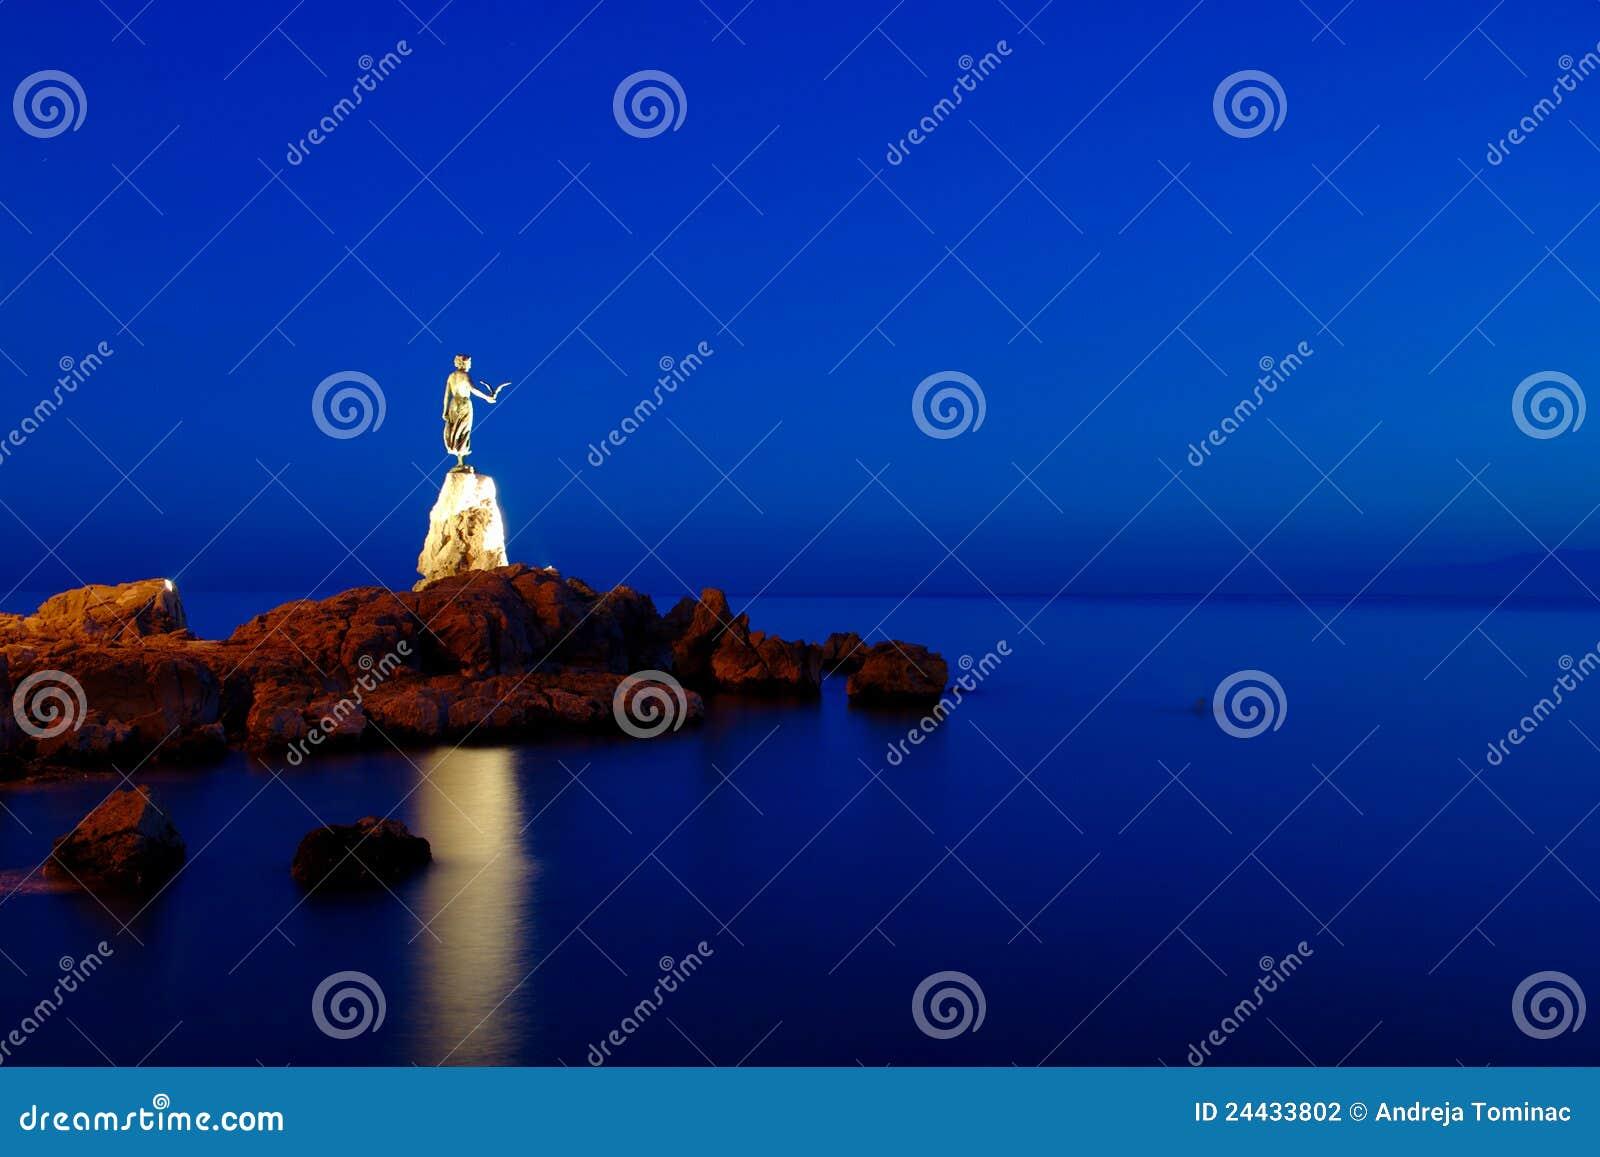 Κορίτσι με seagull κατά τη διάρκεια της μπλε ώρας